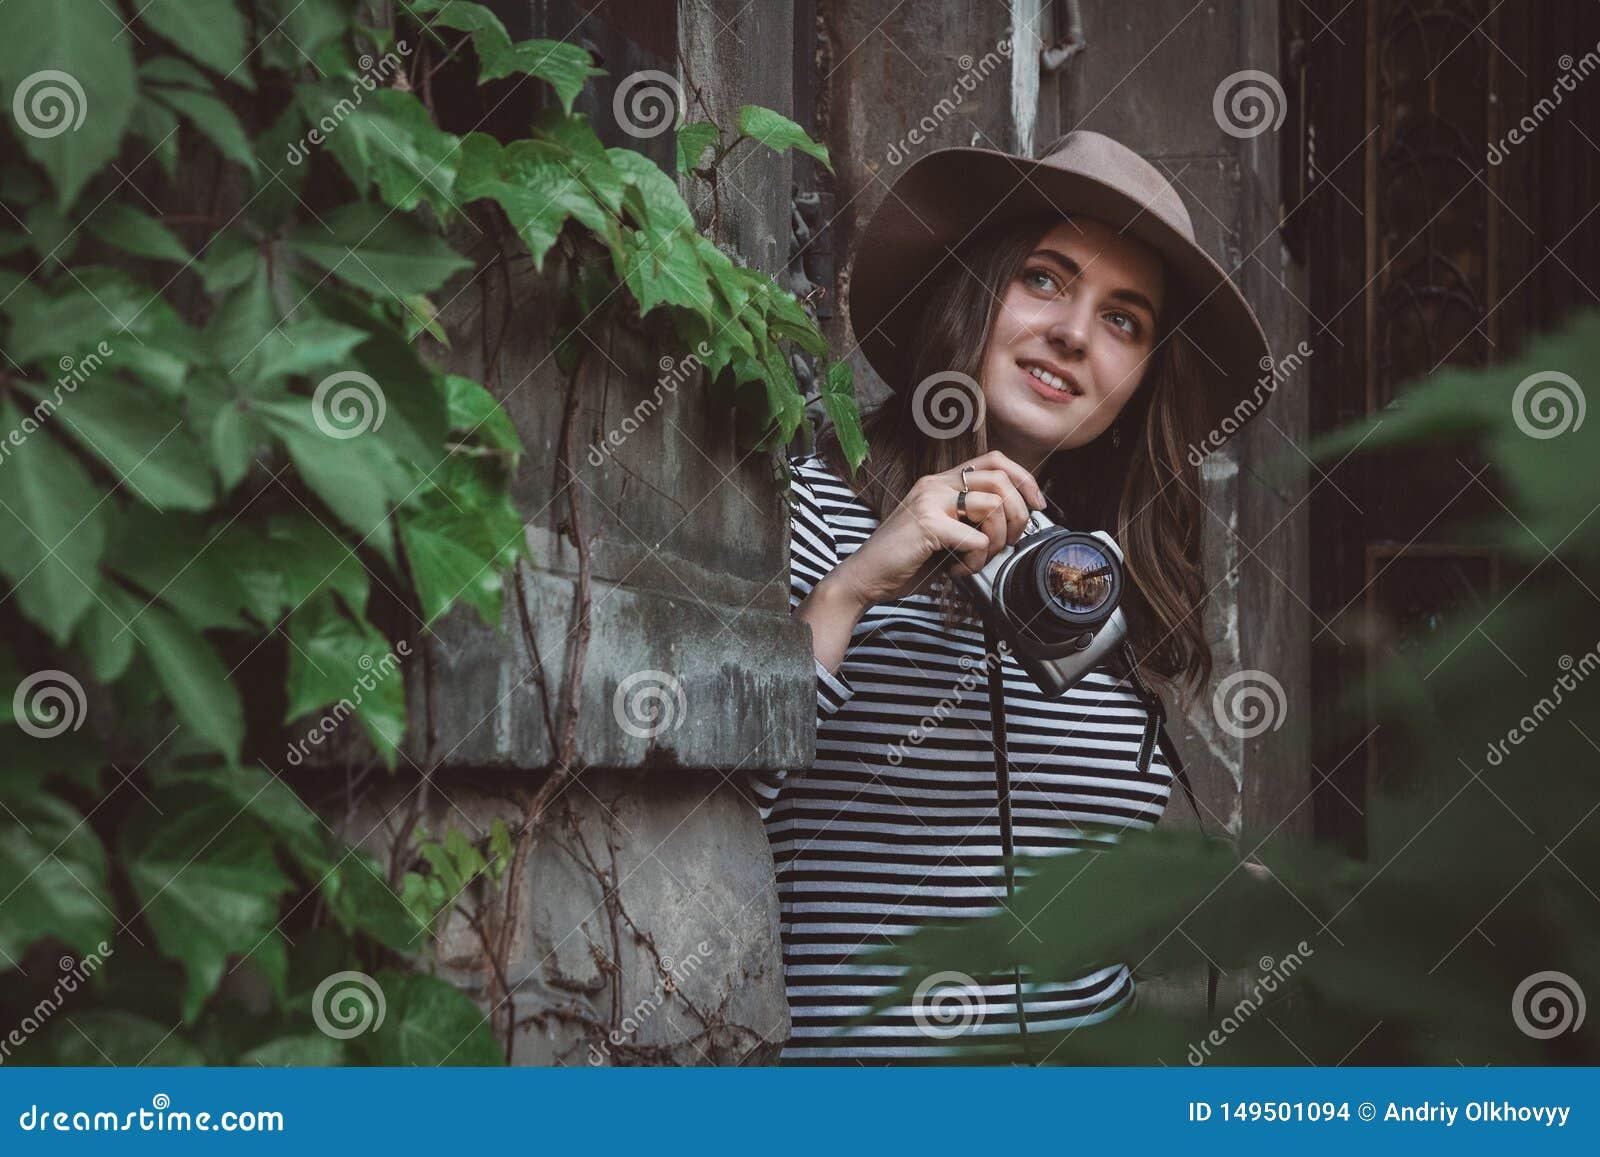 帽子的年轻美女拍与古板的照相机的照片,户外